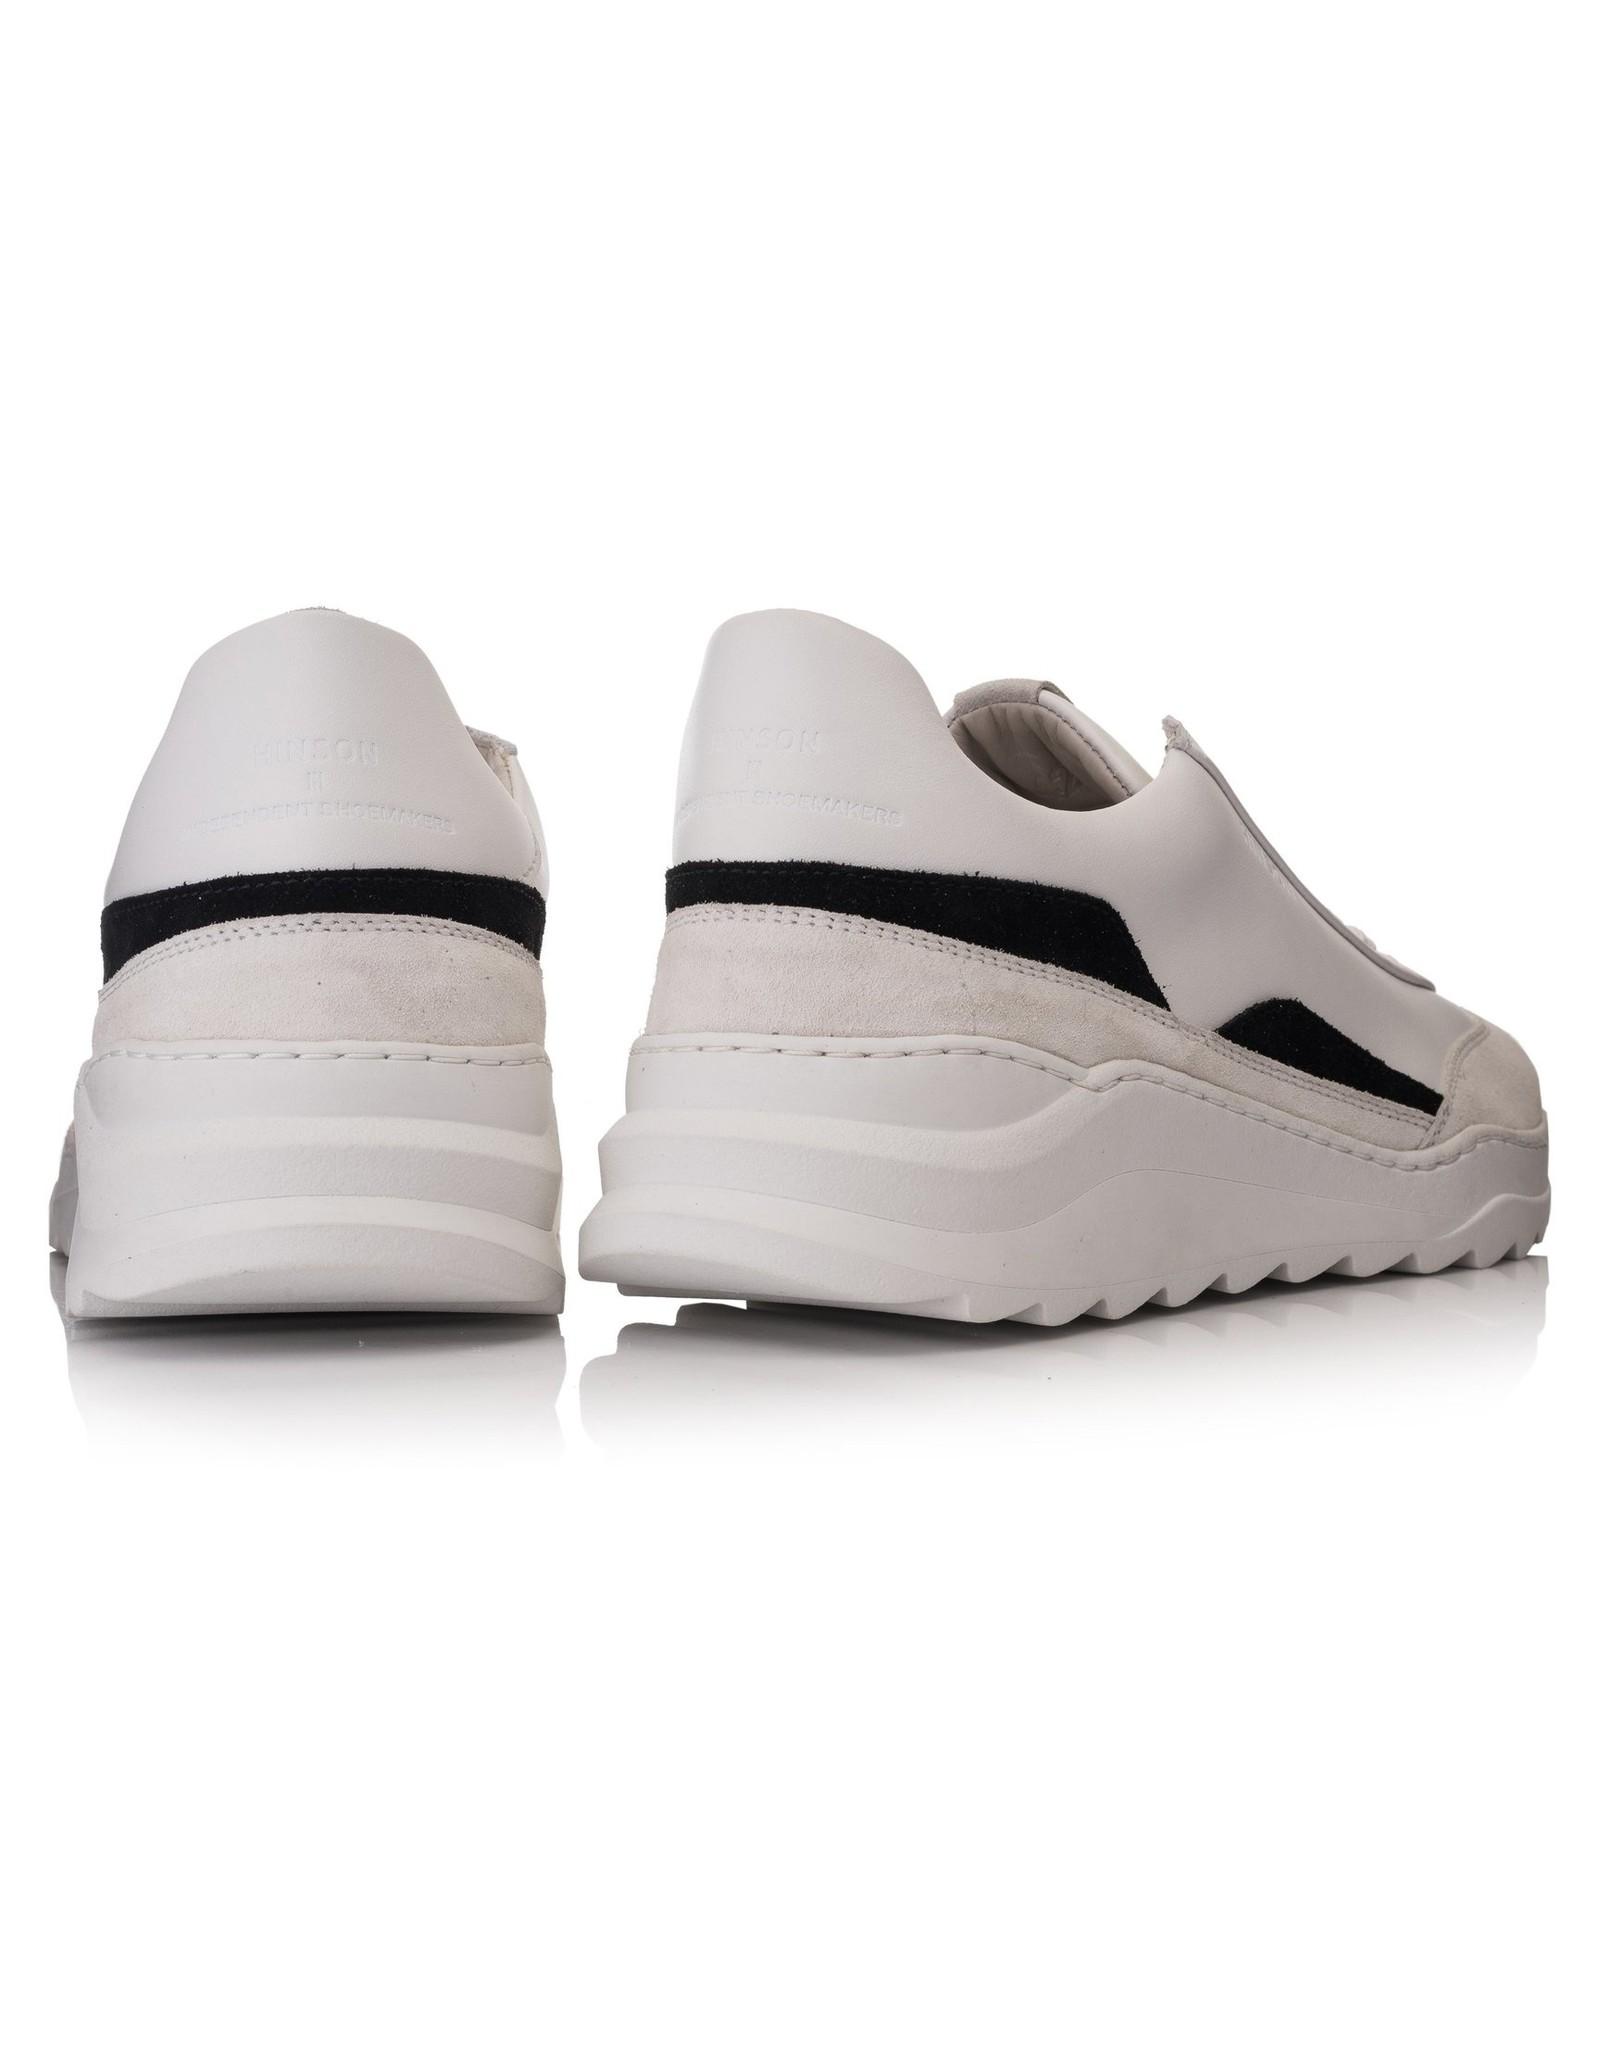 Hinson Sneaker wit/zwart heren